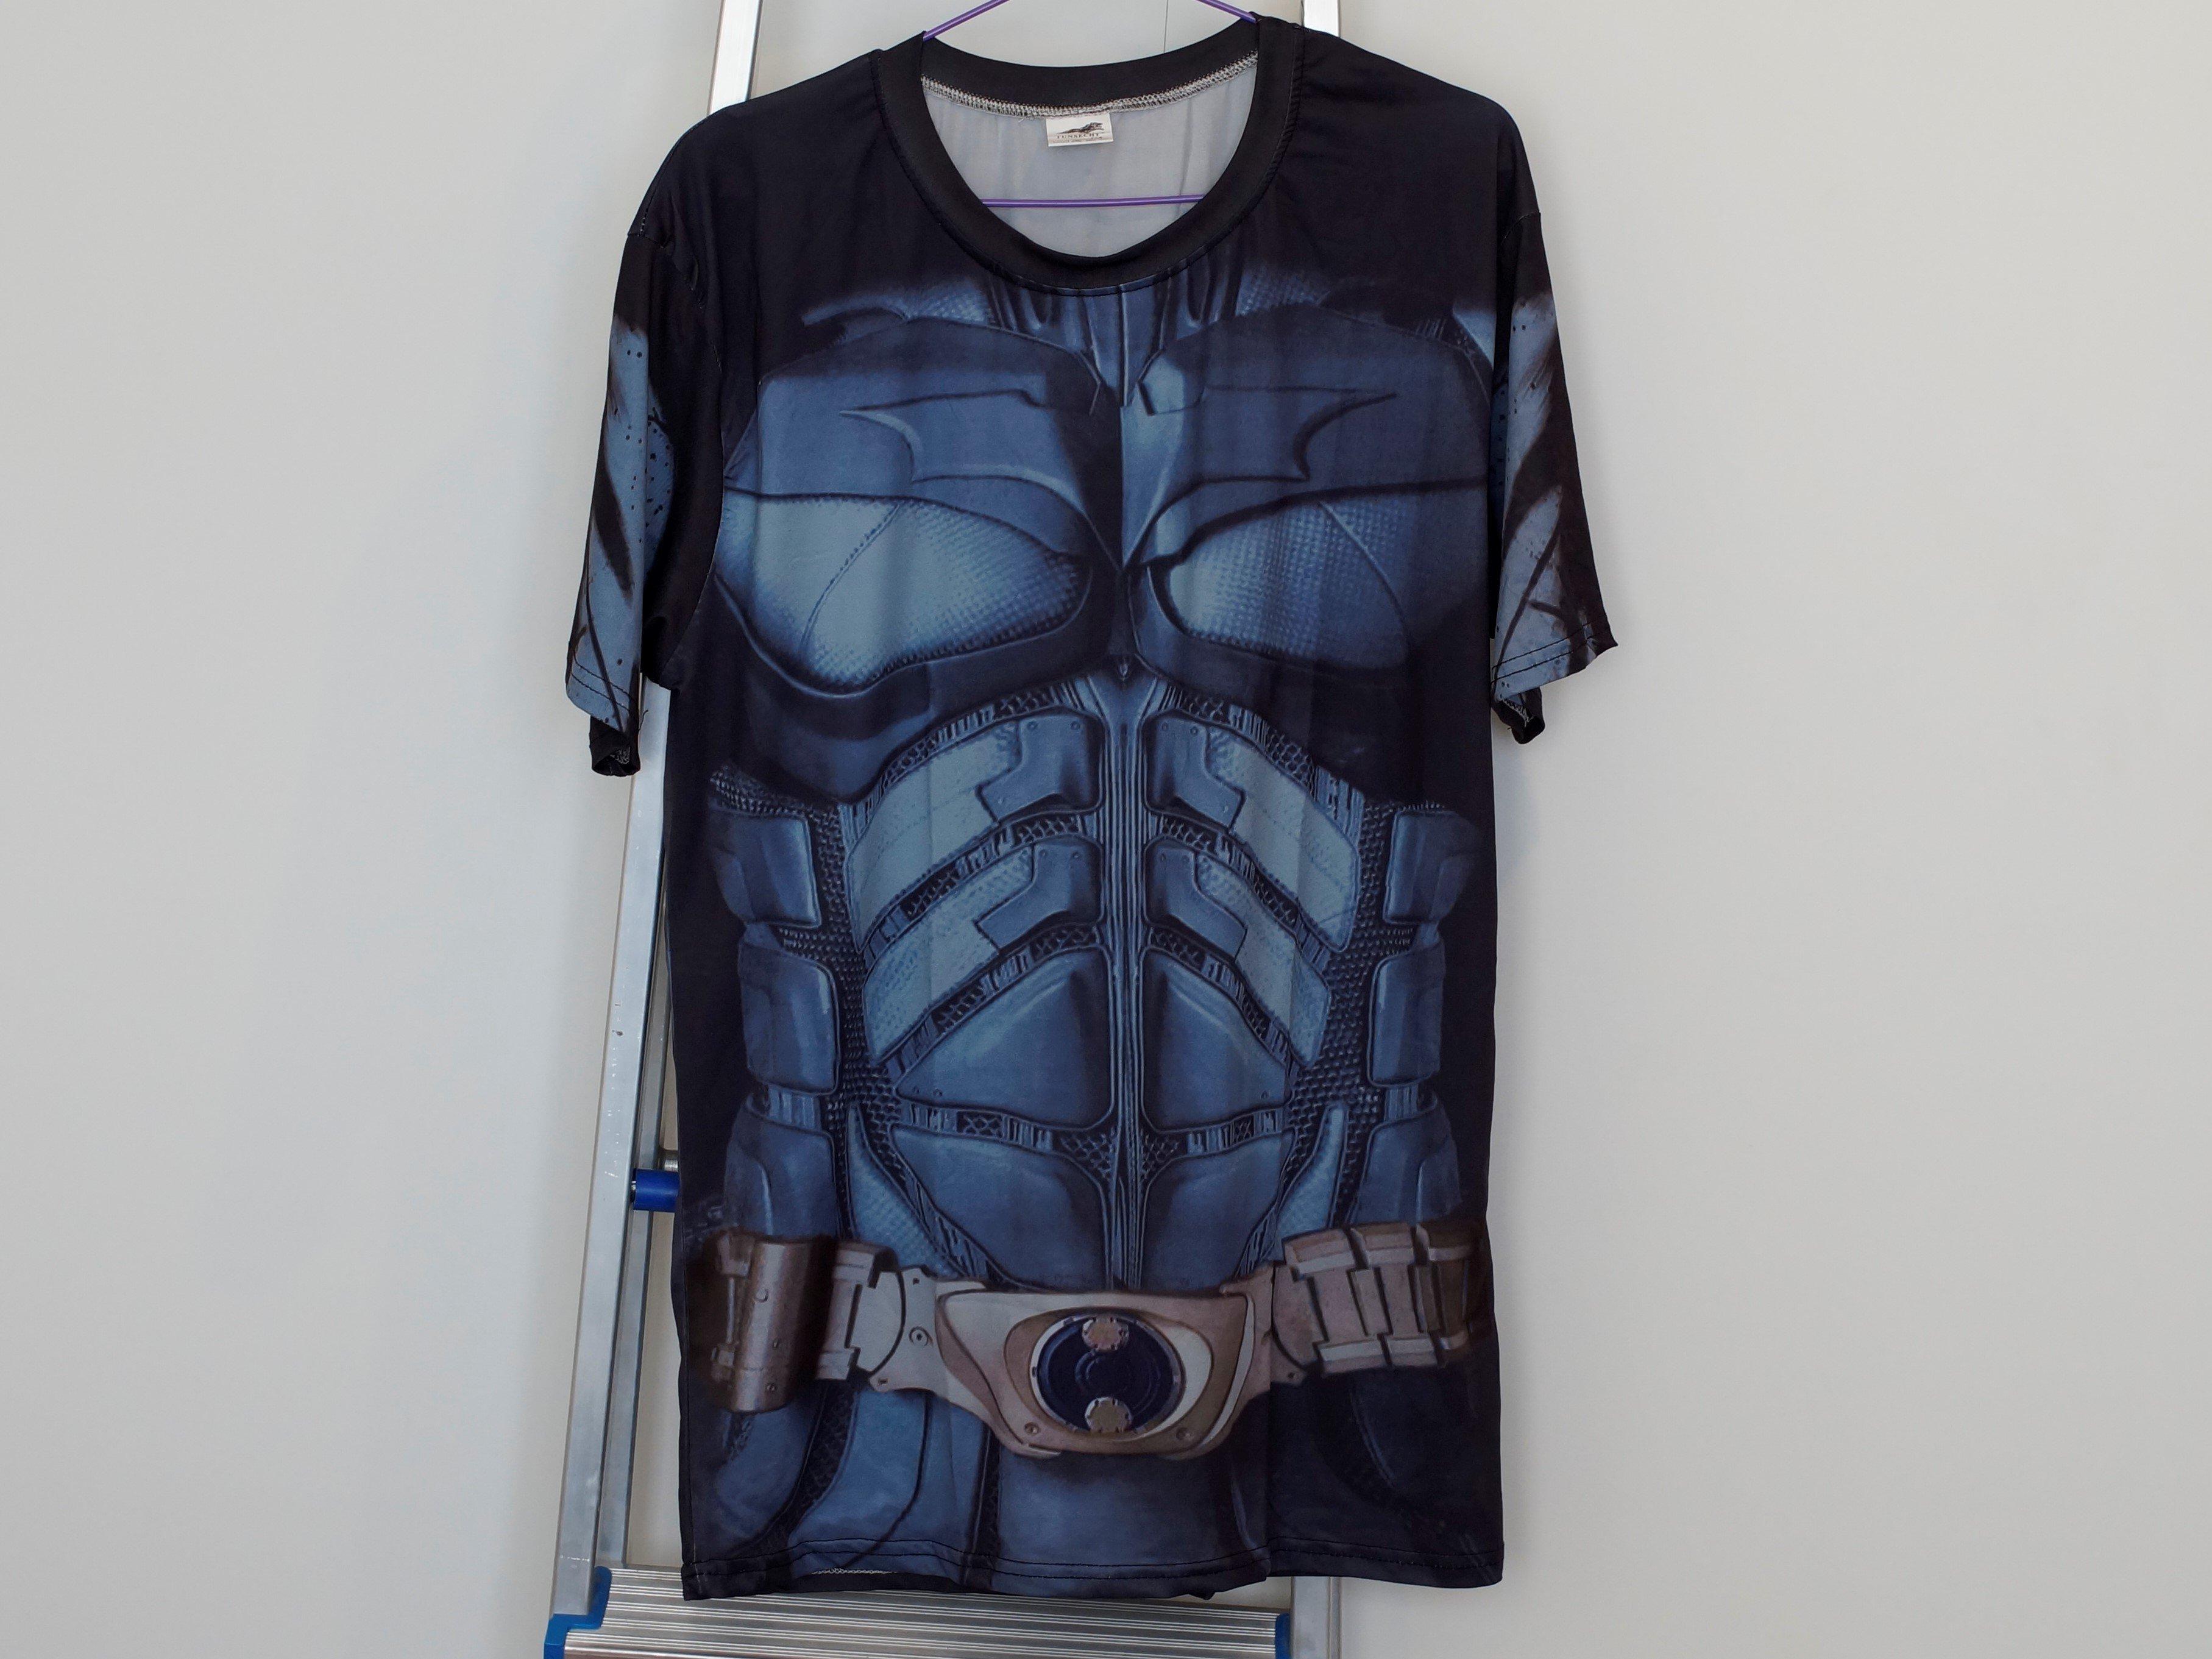 Бэтмен. Майка Batman от магазина TUNSECHY - характеристики